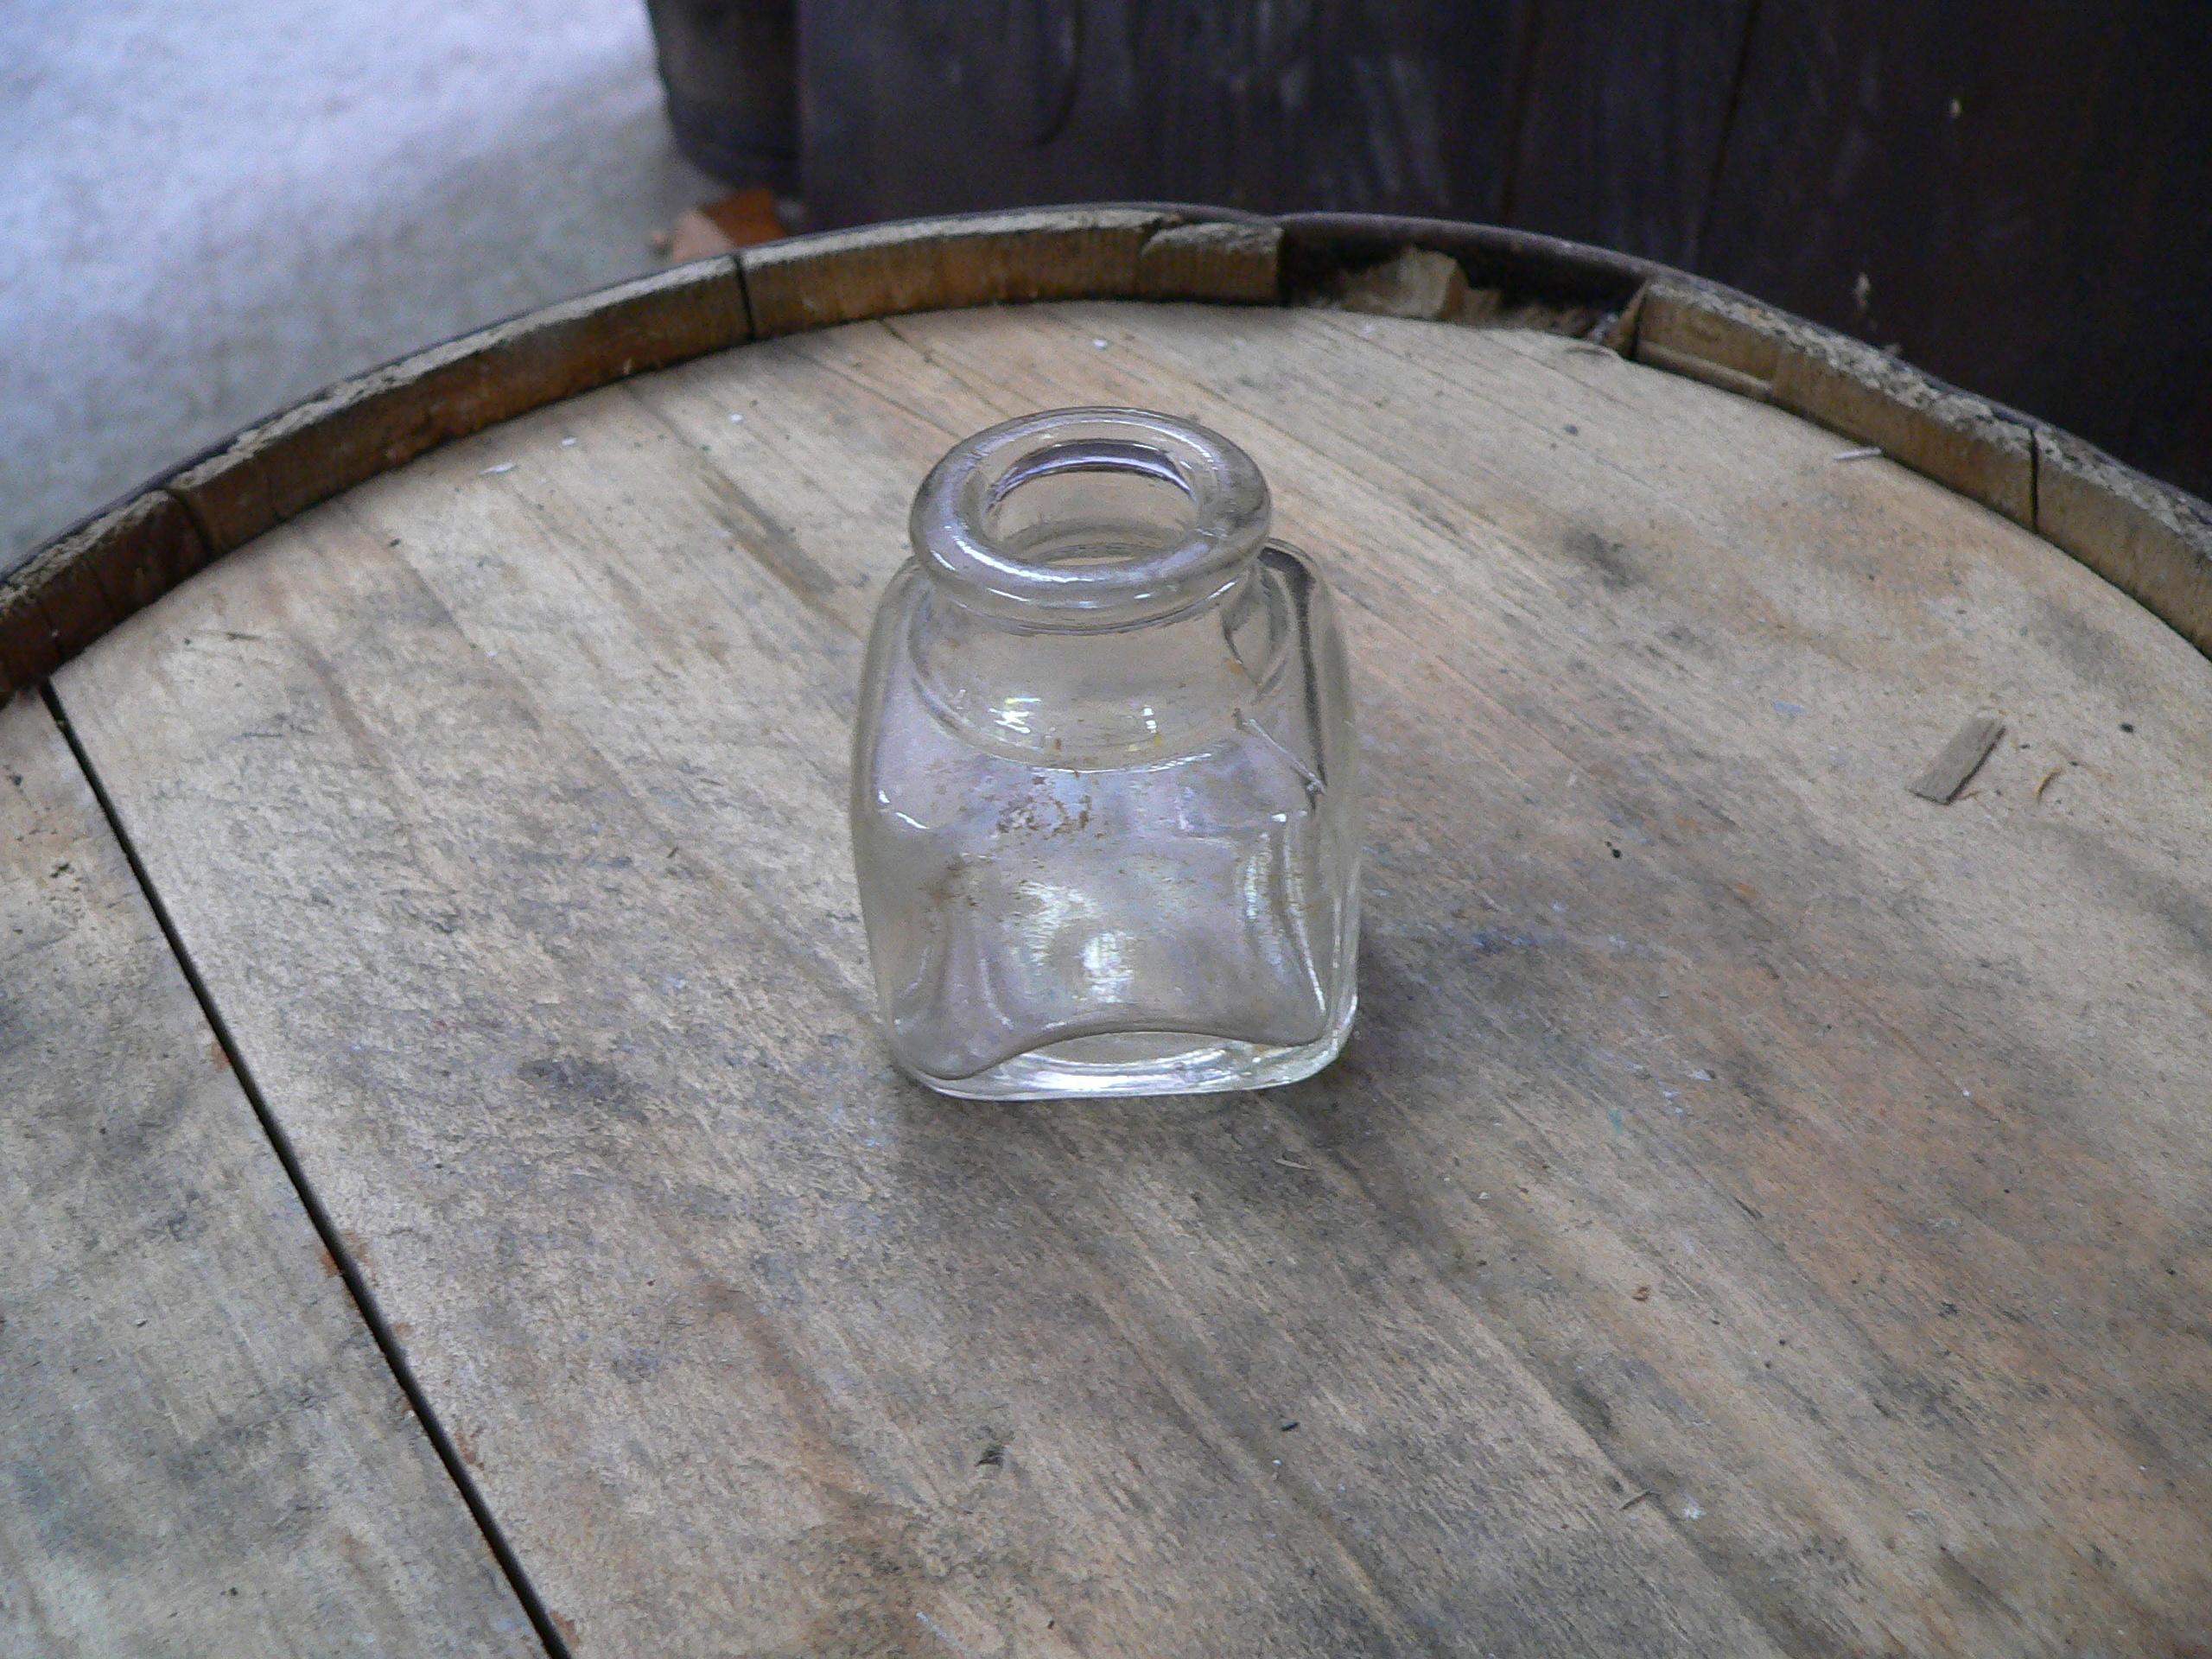 Vieux pot d'encre antique # 5023.17